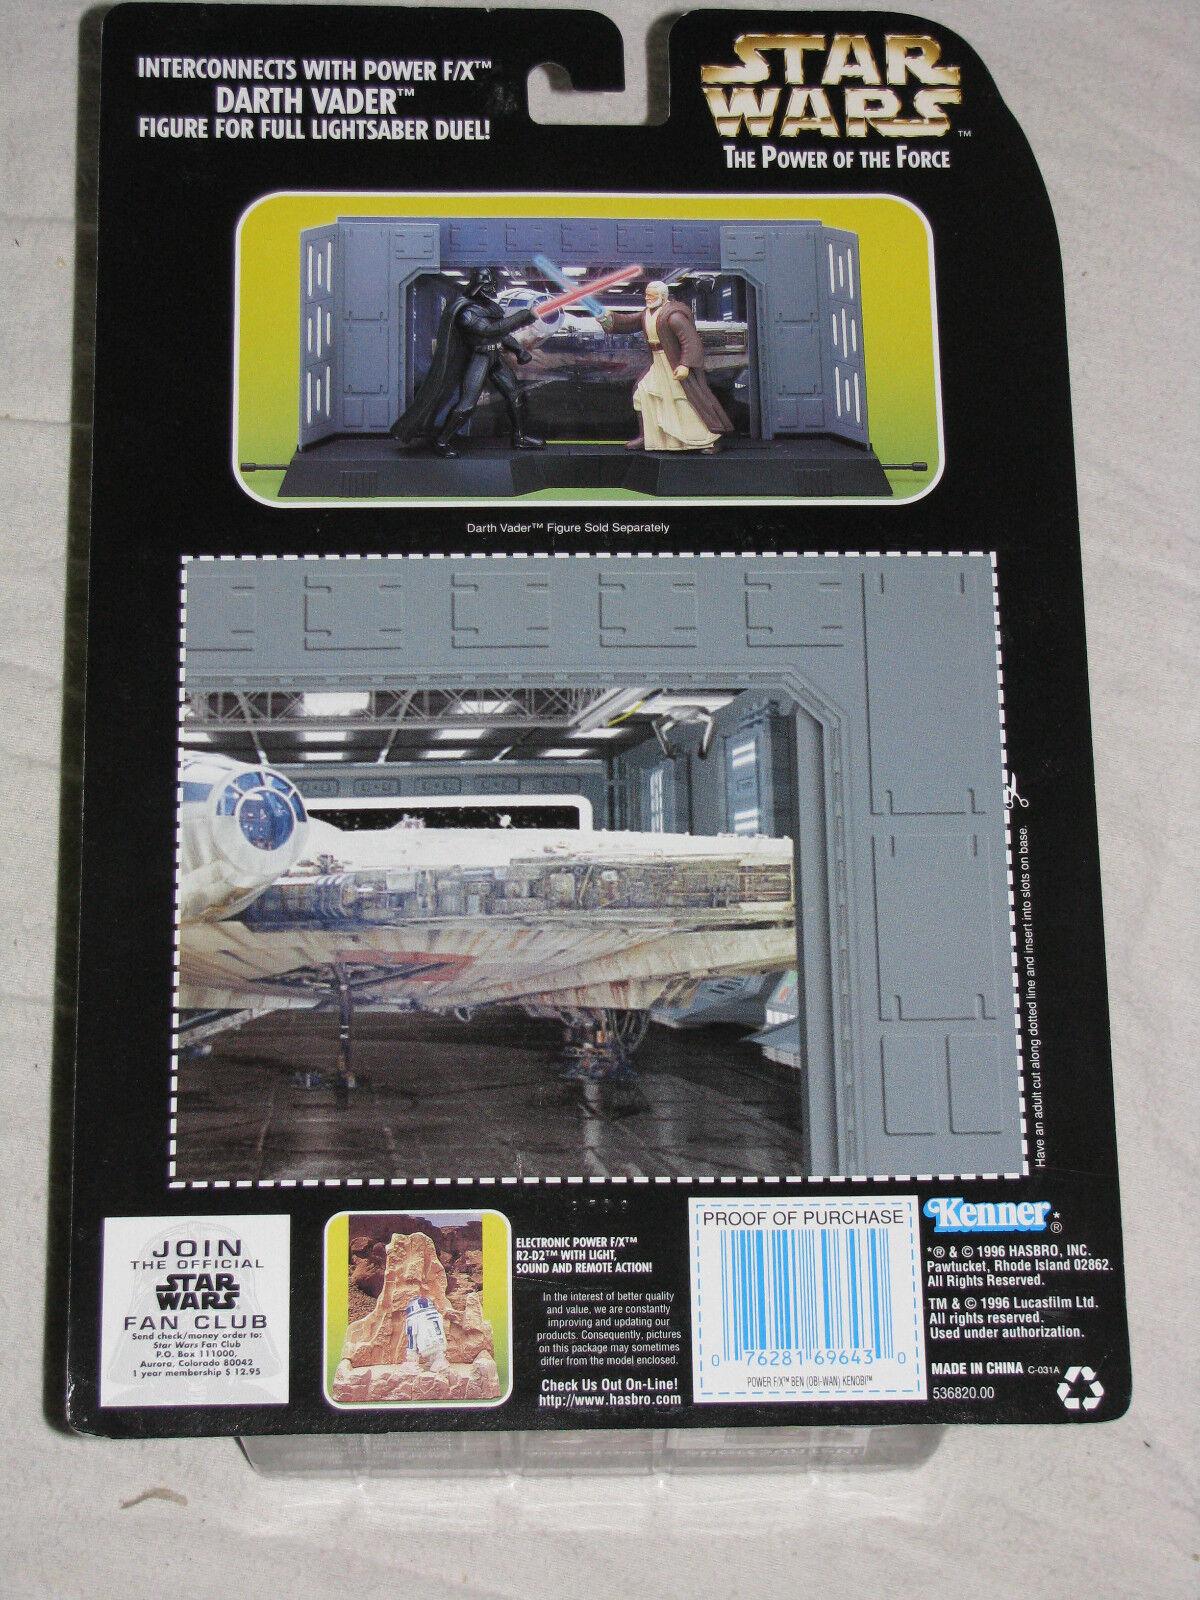 STAR WARS Electronic Power F F F X- Obi-Wan Kenobi,Darth Vader,R2-D2,Palpatine,Luke 2f01b2